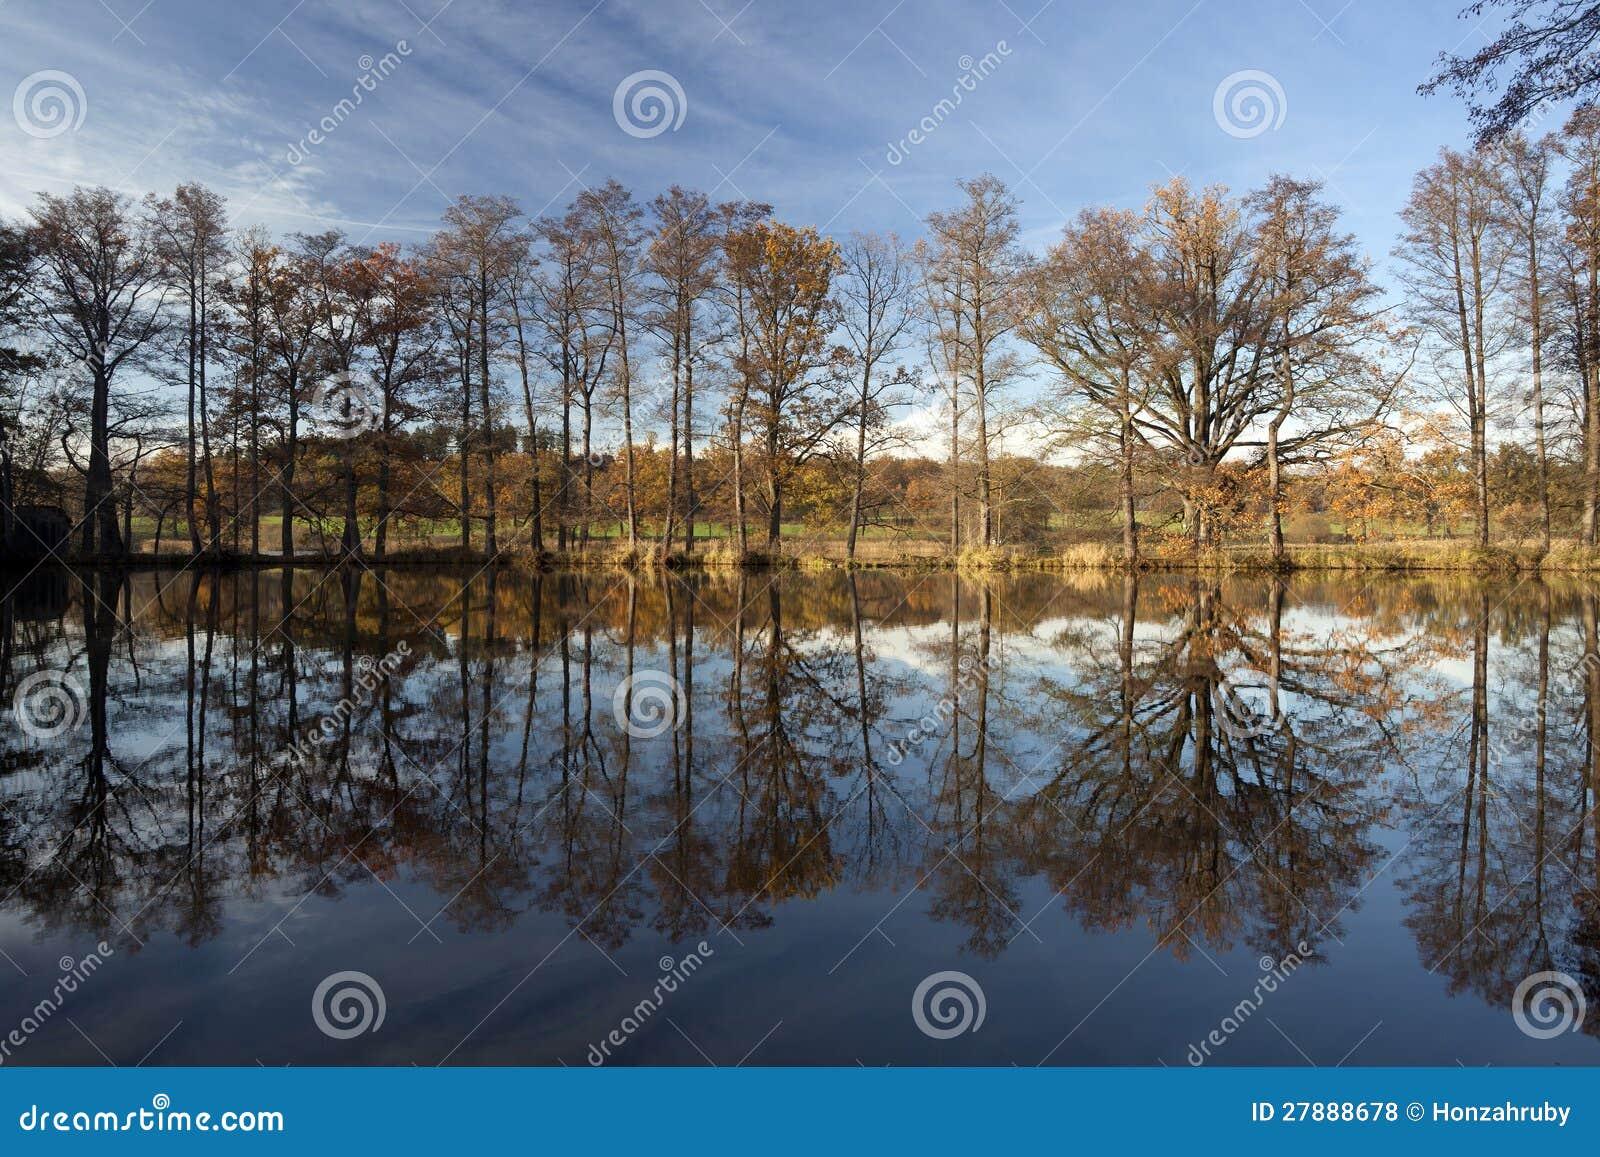 Reflexion der Eichenbaumgasse